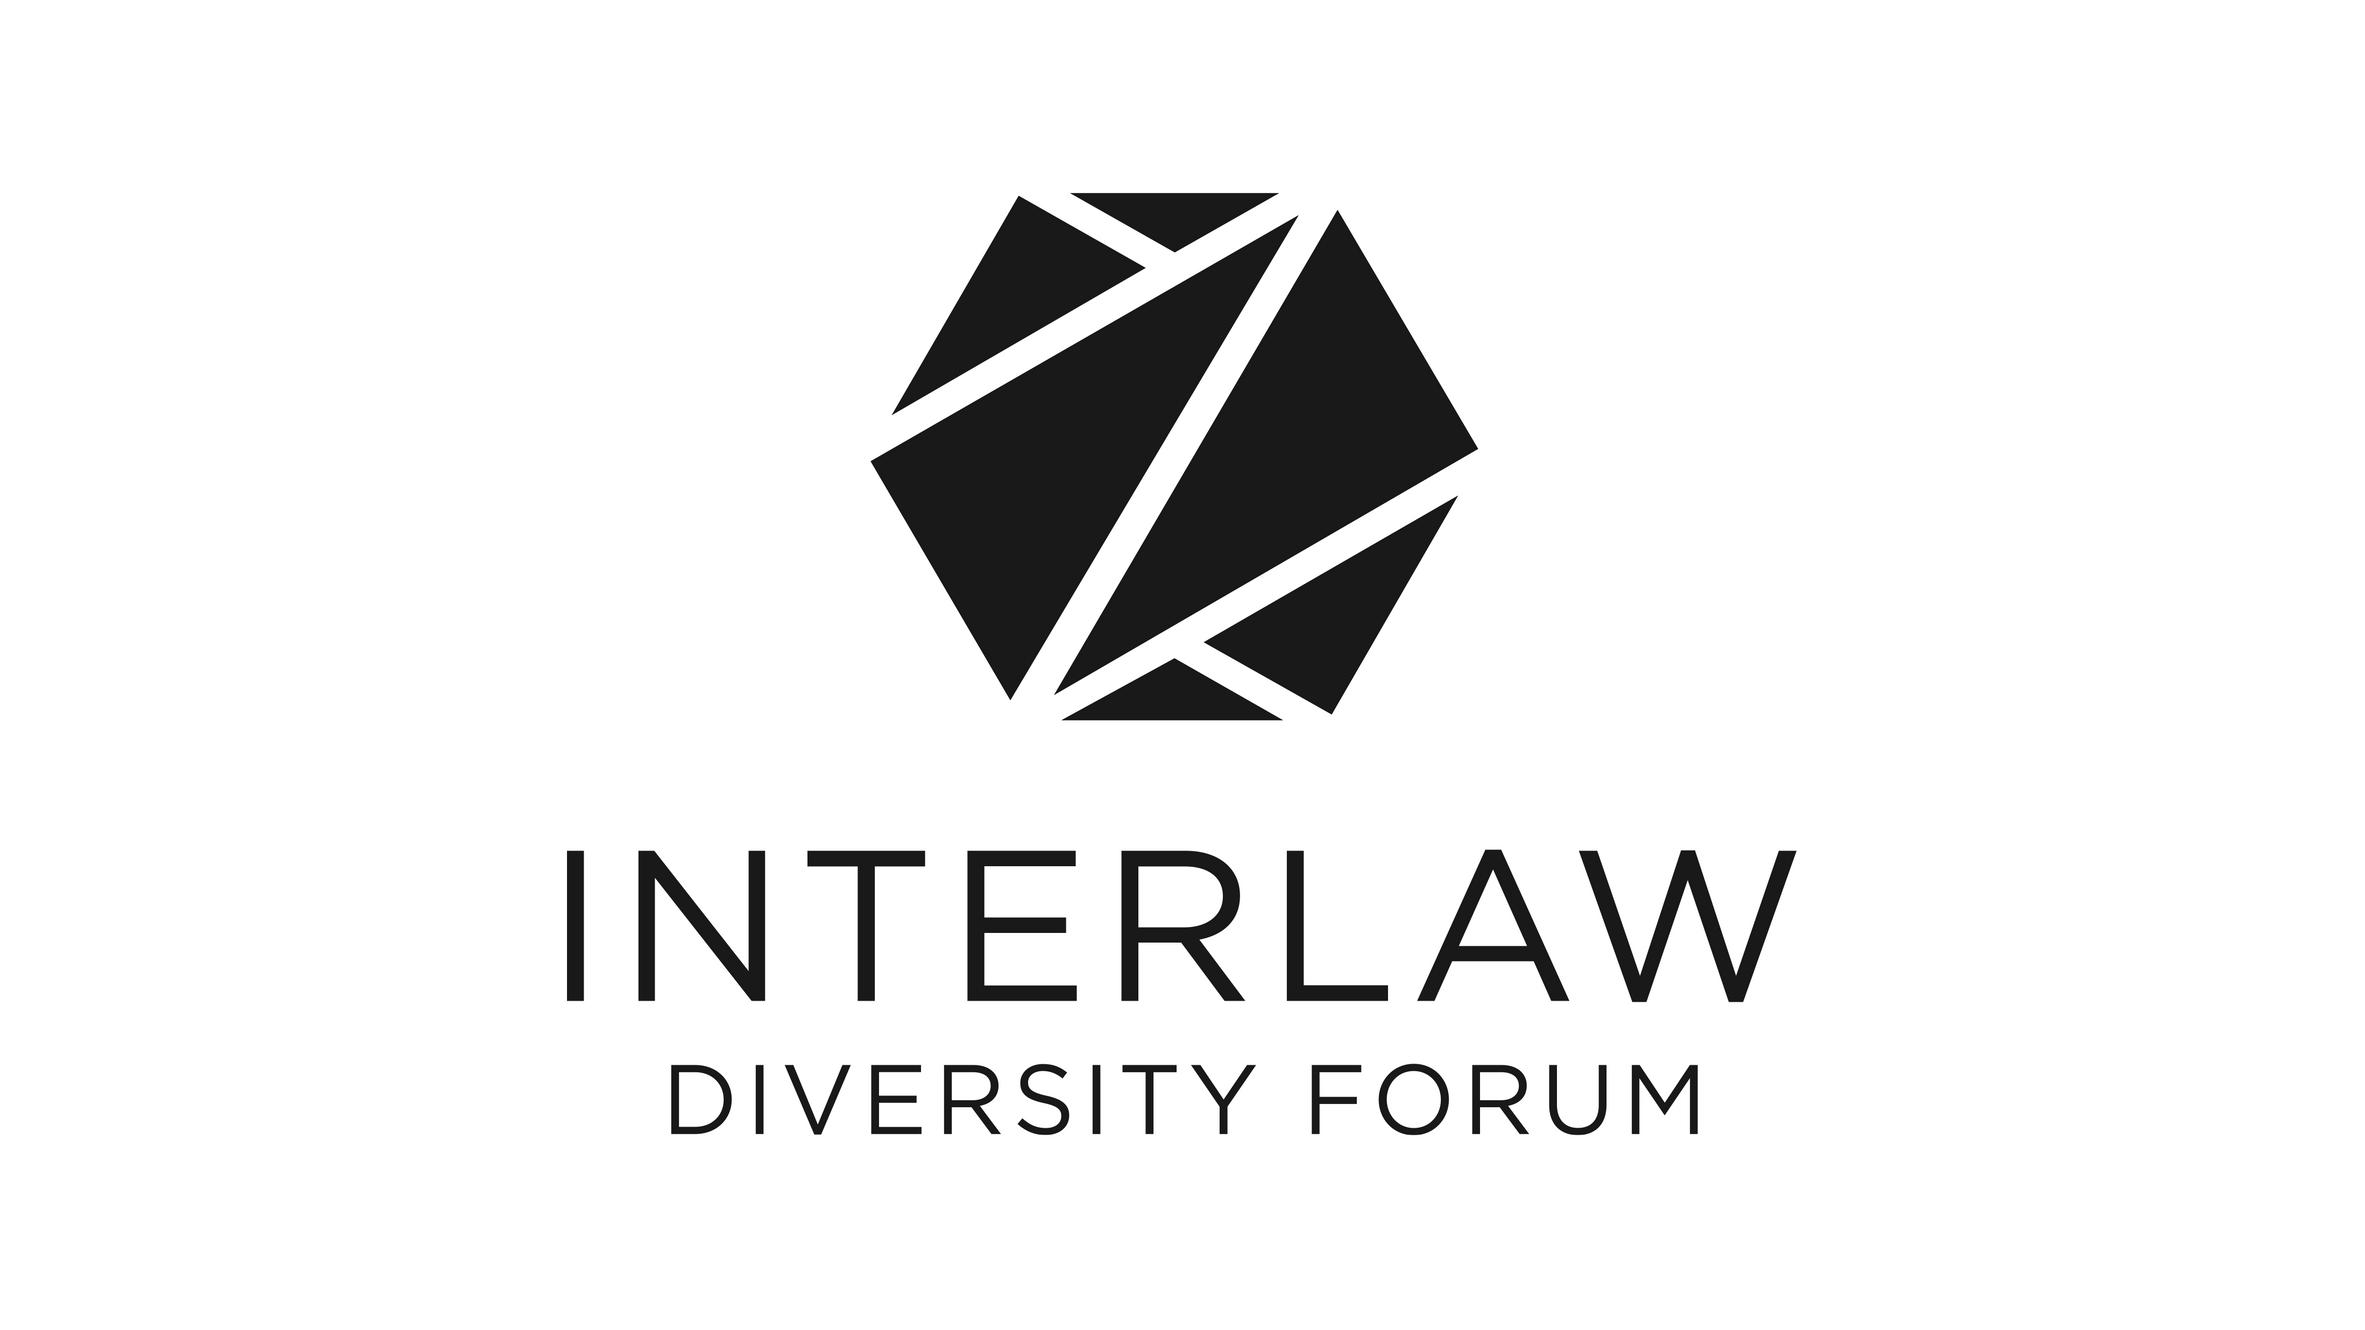 Home | InterLaw Diversity Forum